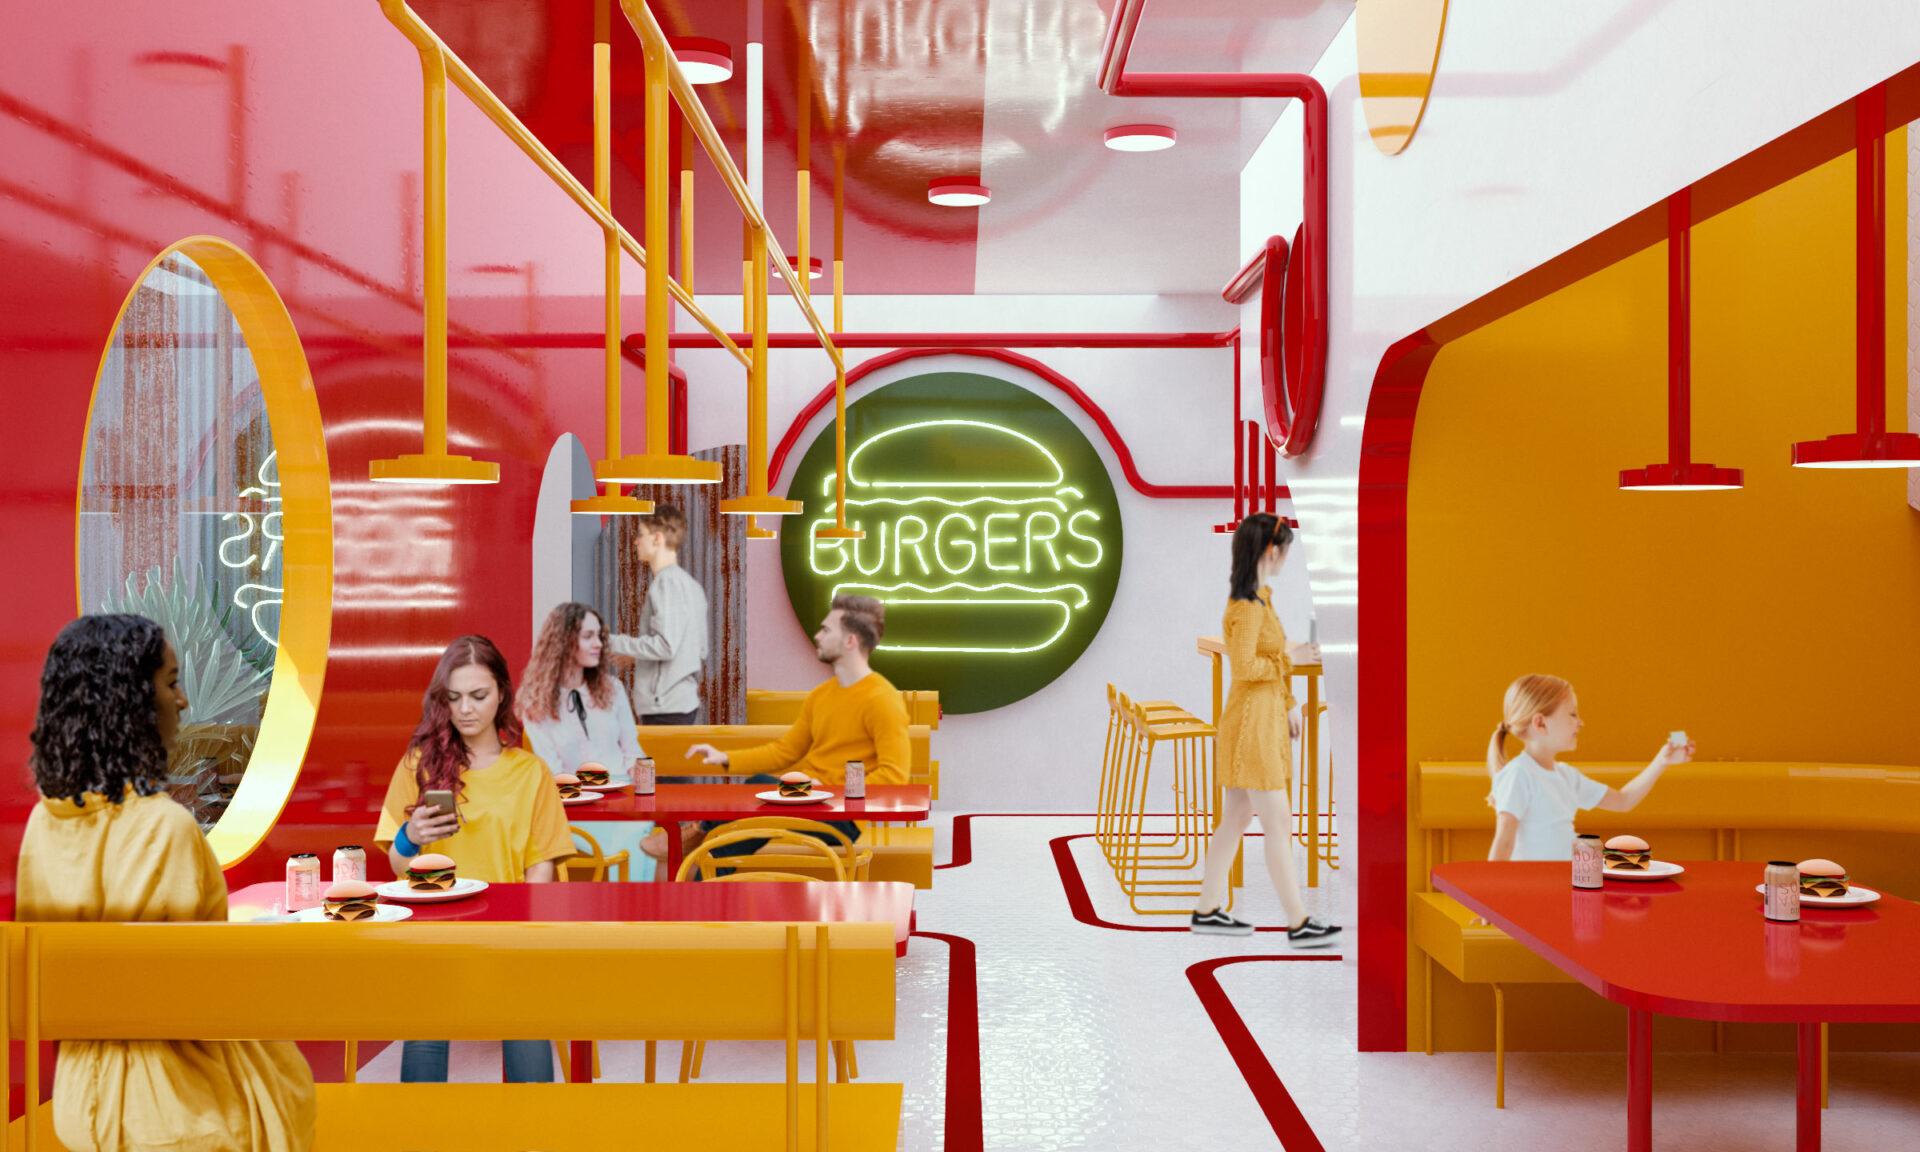 88-Burguers-01-web.jpg